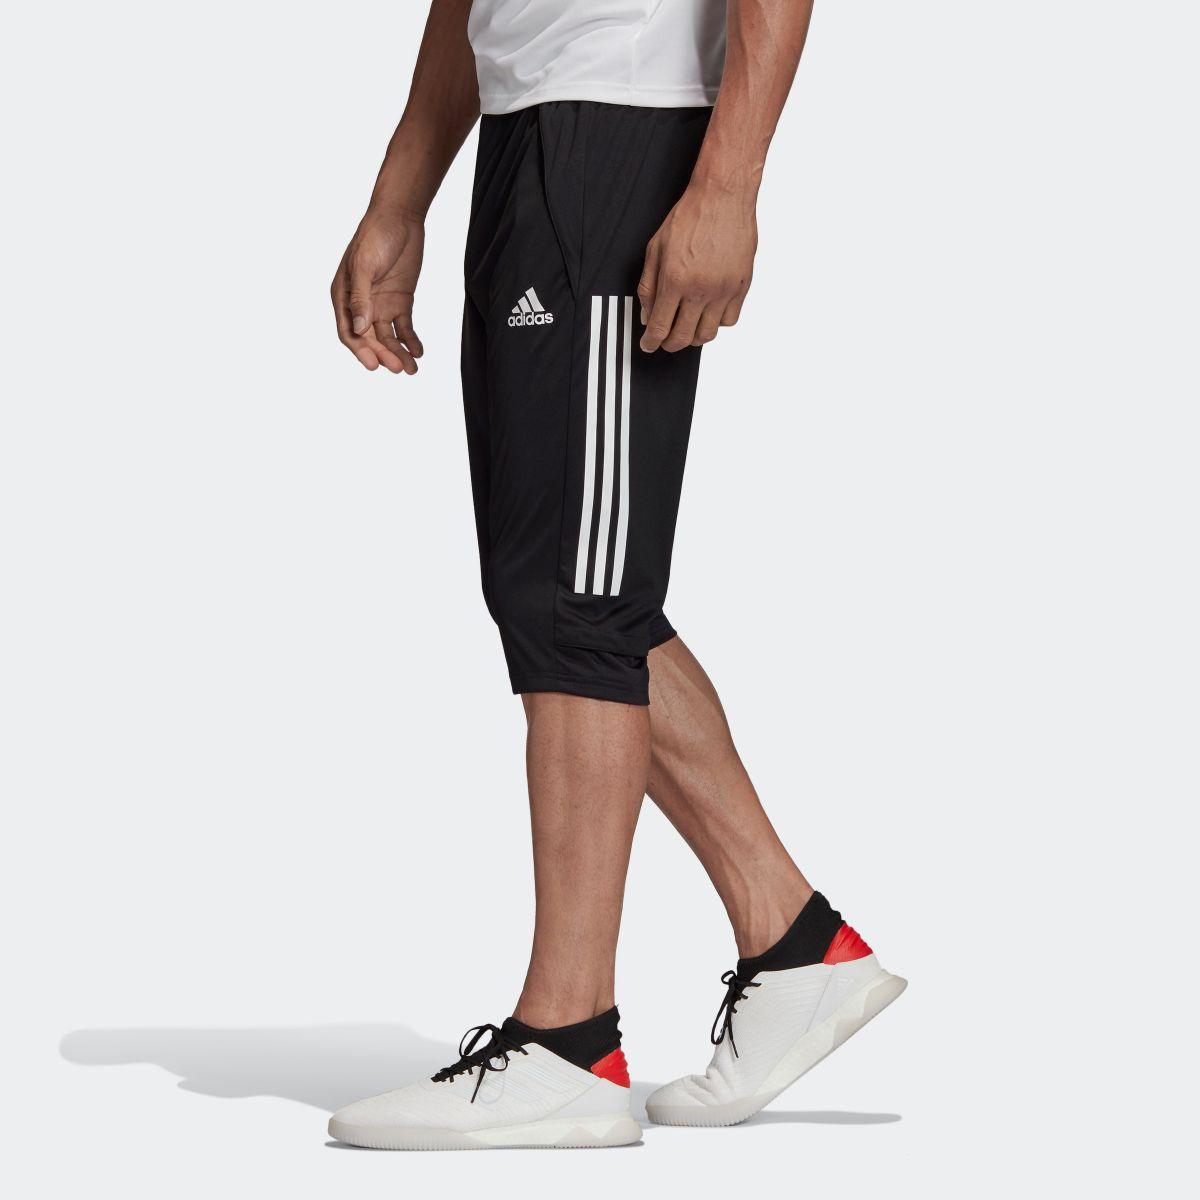 mens adidas 3/4 pants